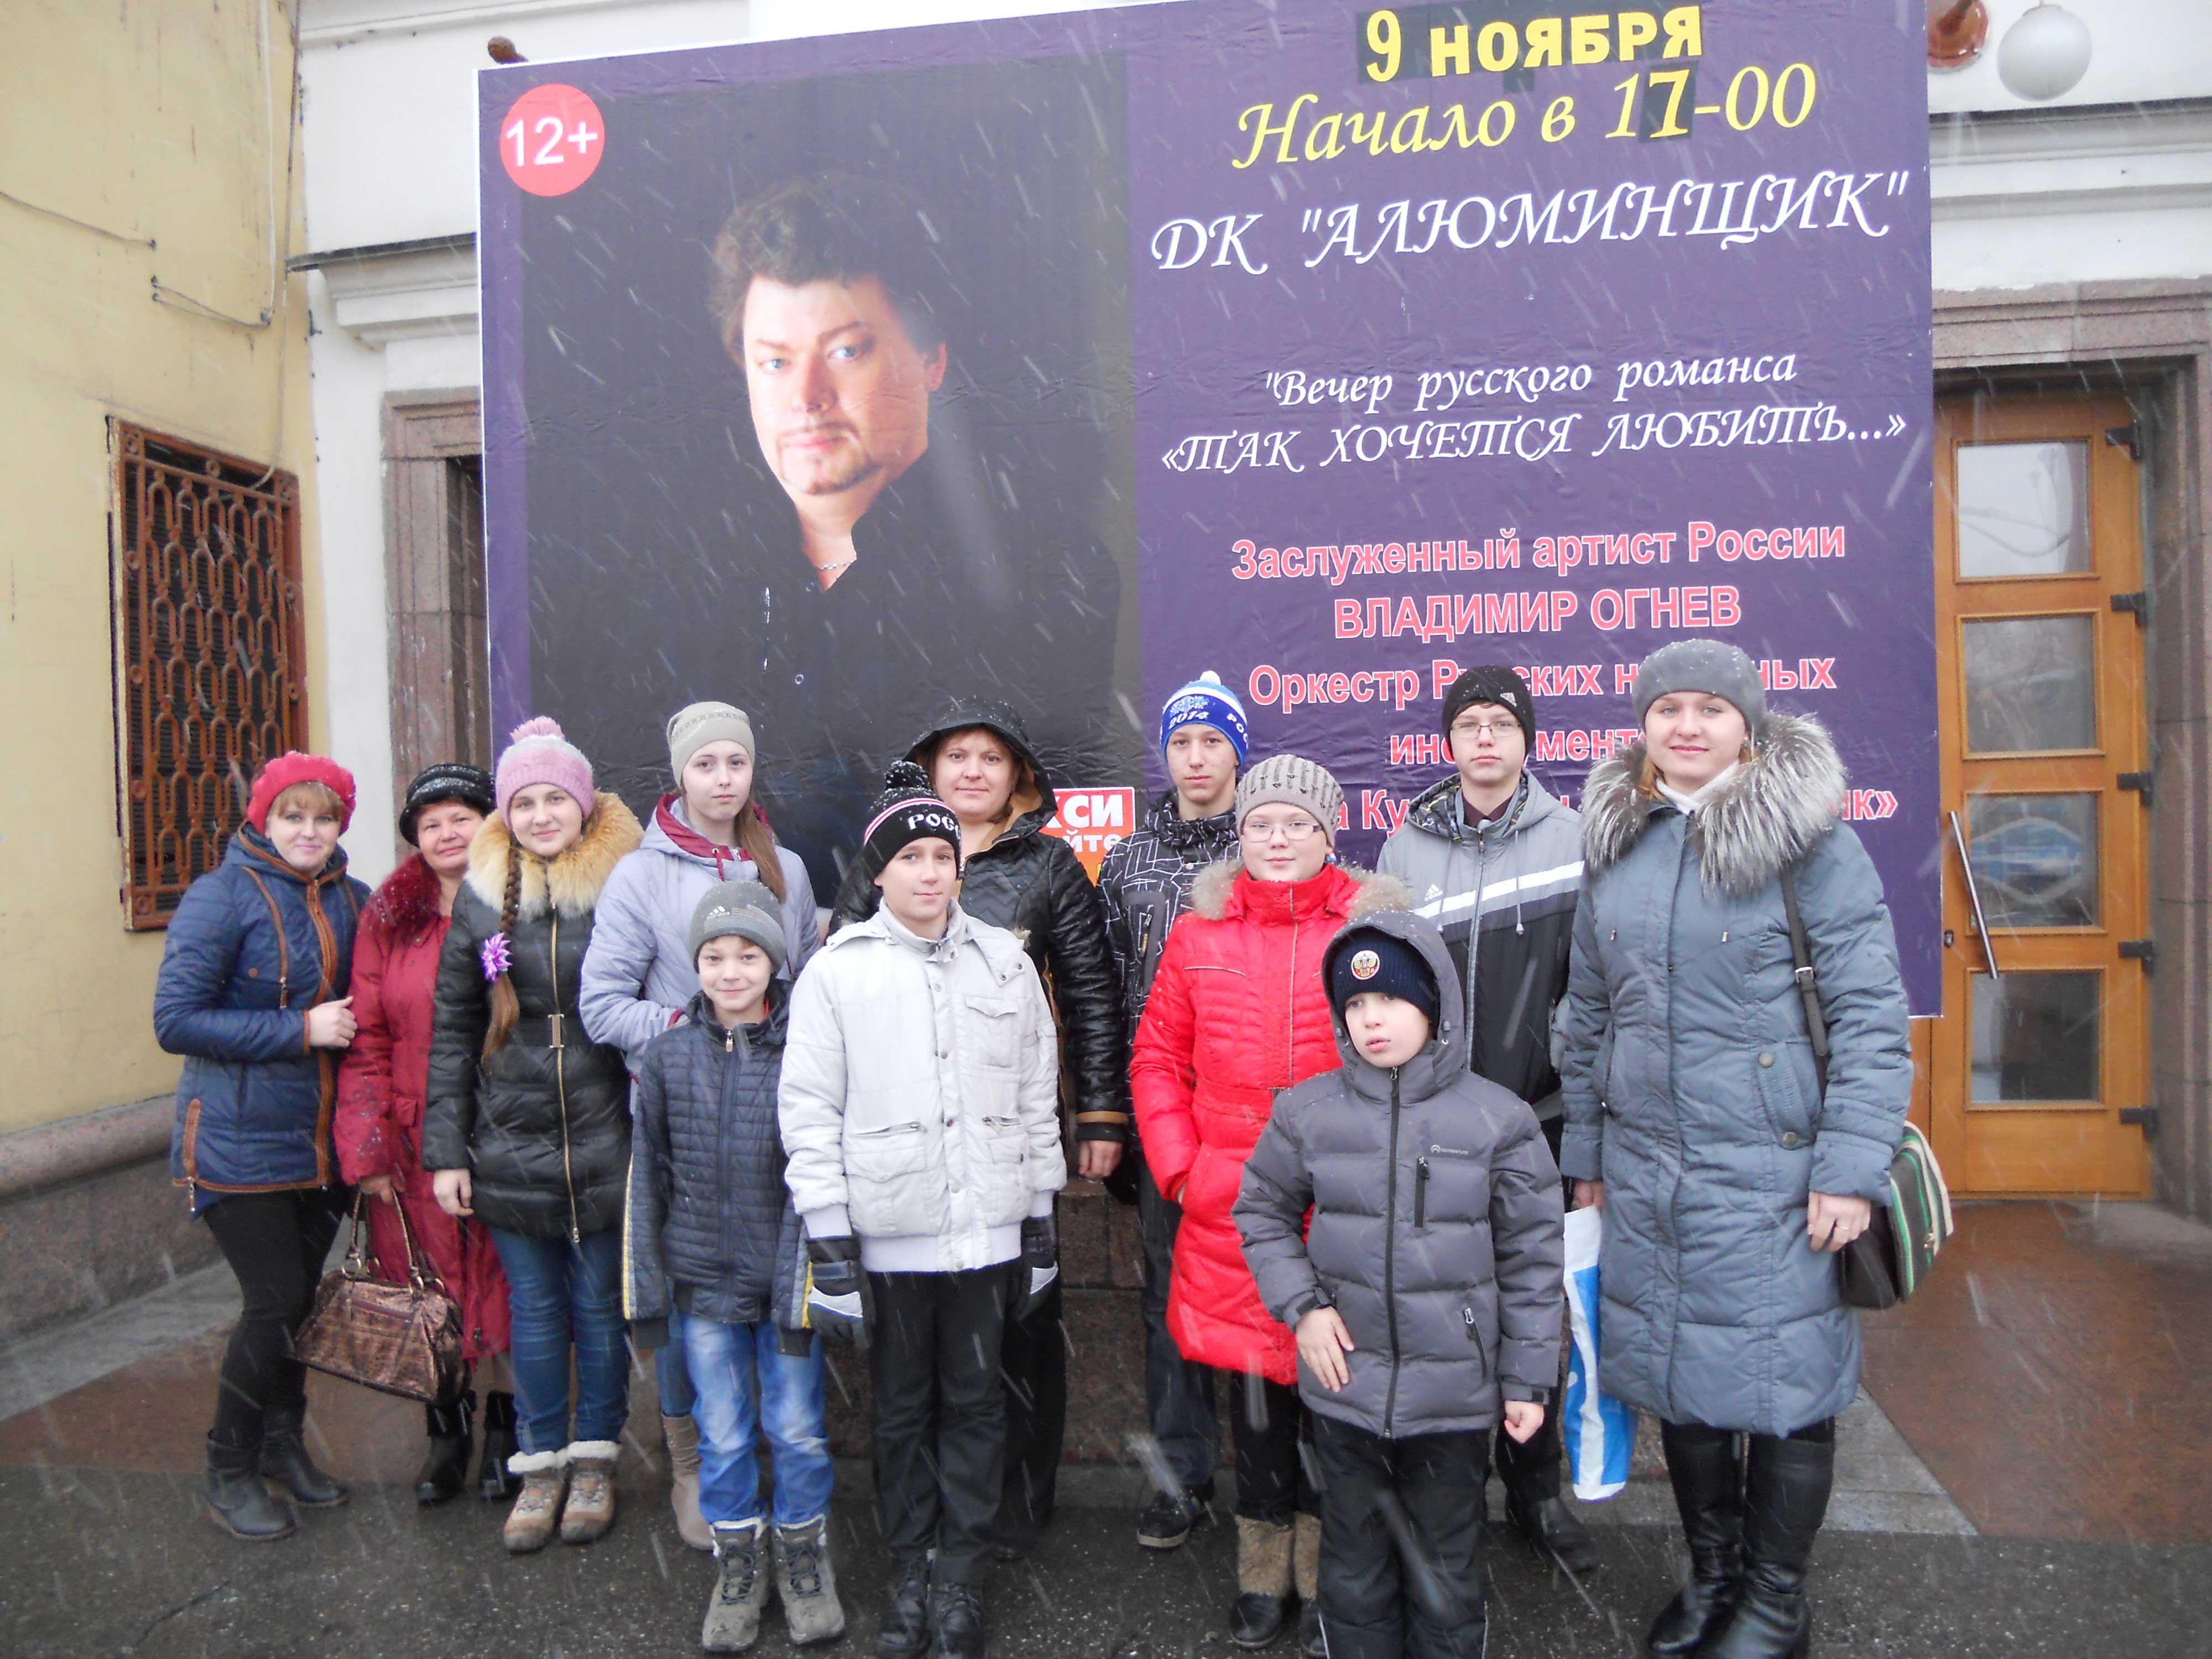 Поездка на концерт русского романса «Так хочется любить…»